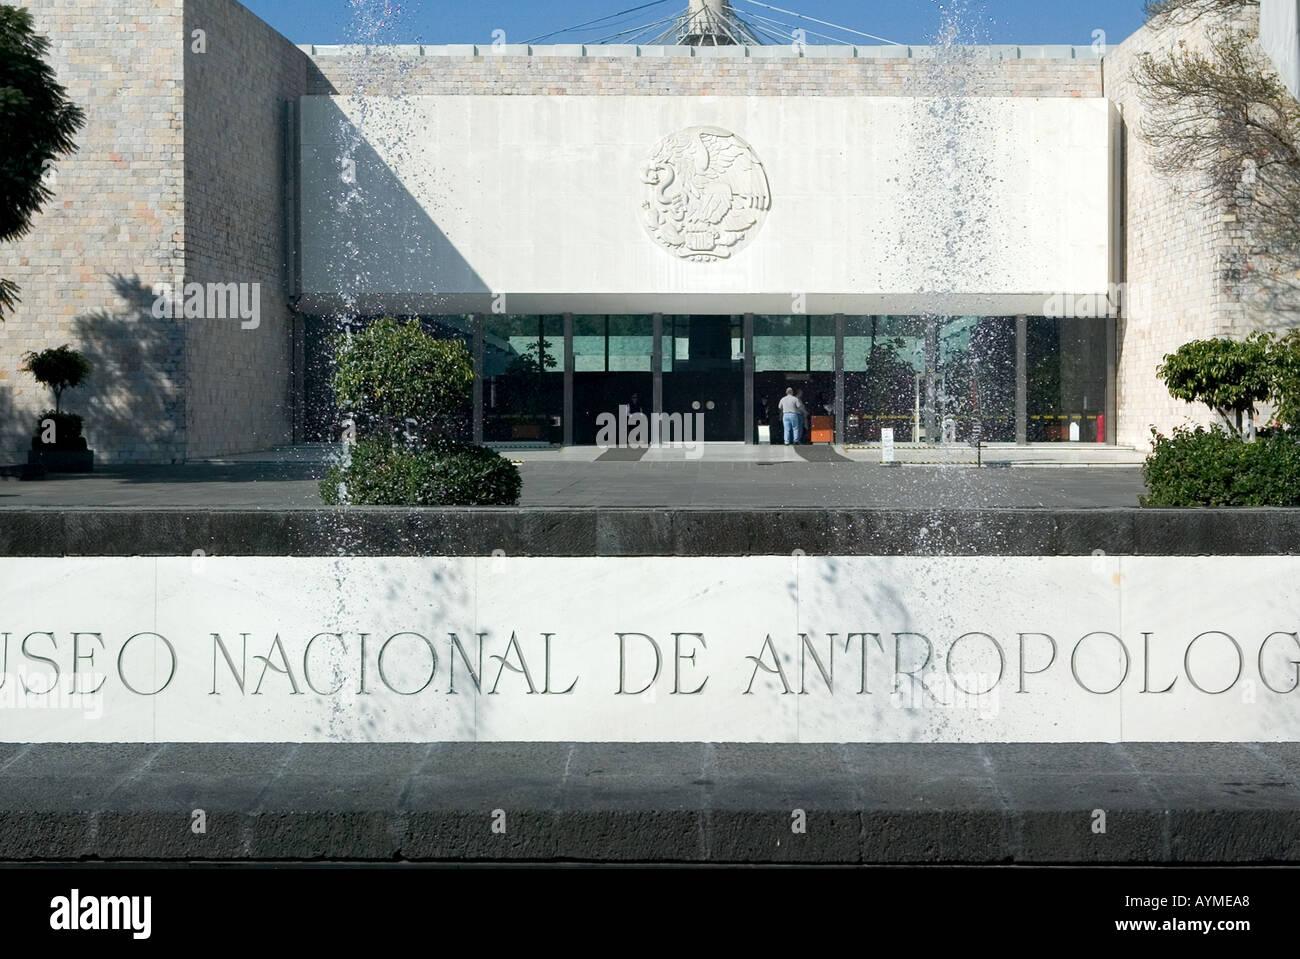 Mexico City National Anthropological Museum exterior Museo Nacional de Antropología - Stock Image